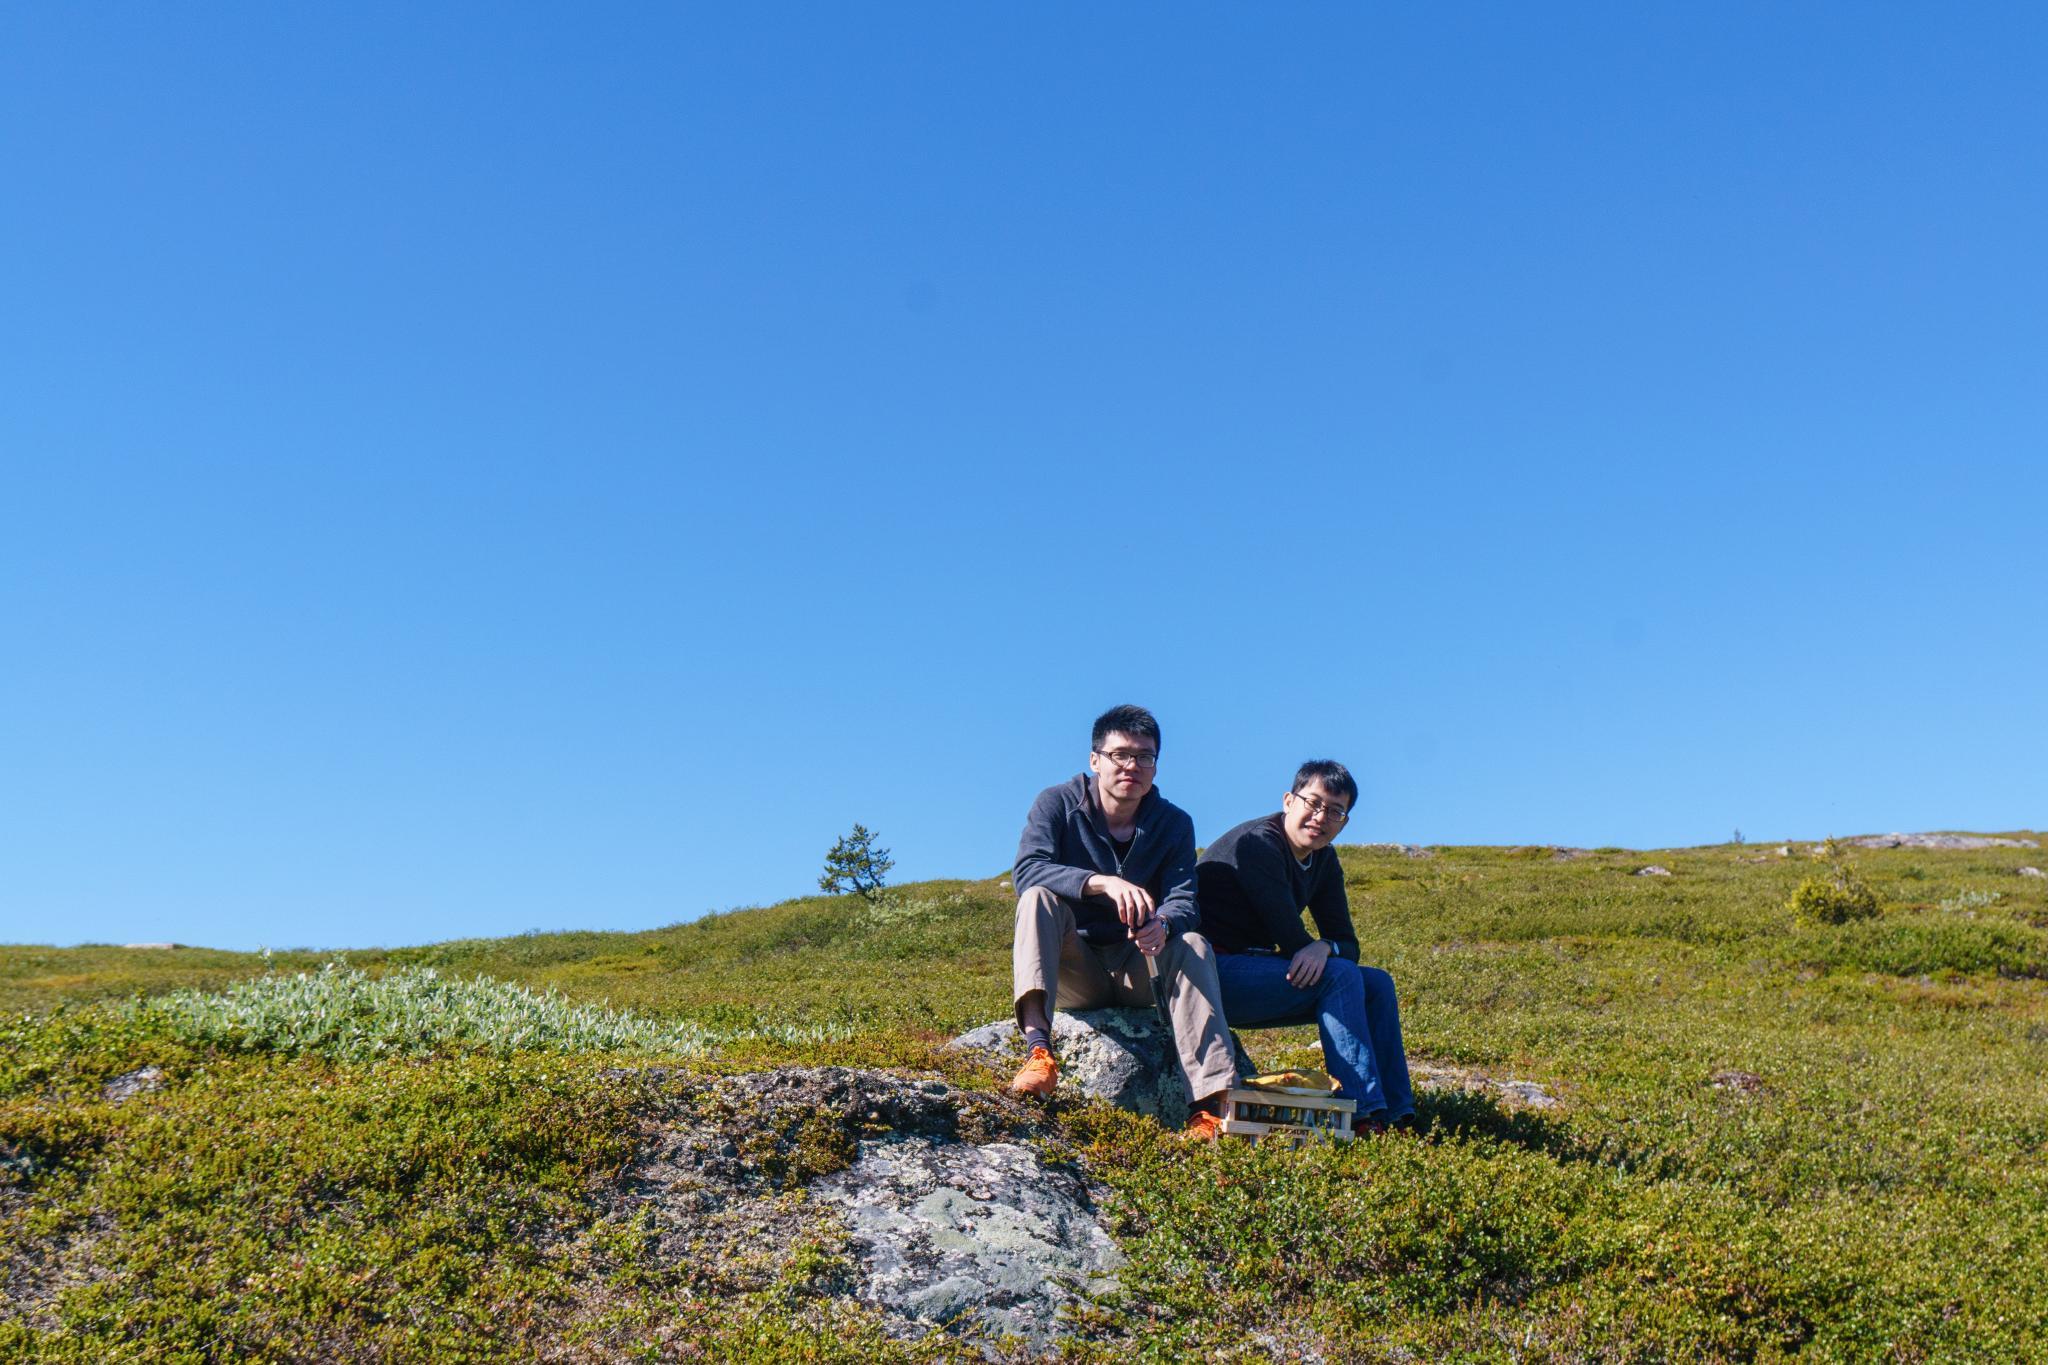 【北歐景點】Arjeplog Galtispuoda:眺望無盡延綿的瑞典極圈荒原 36